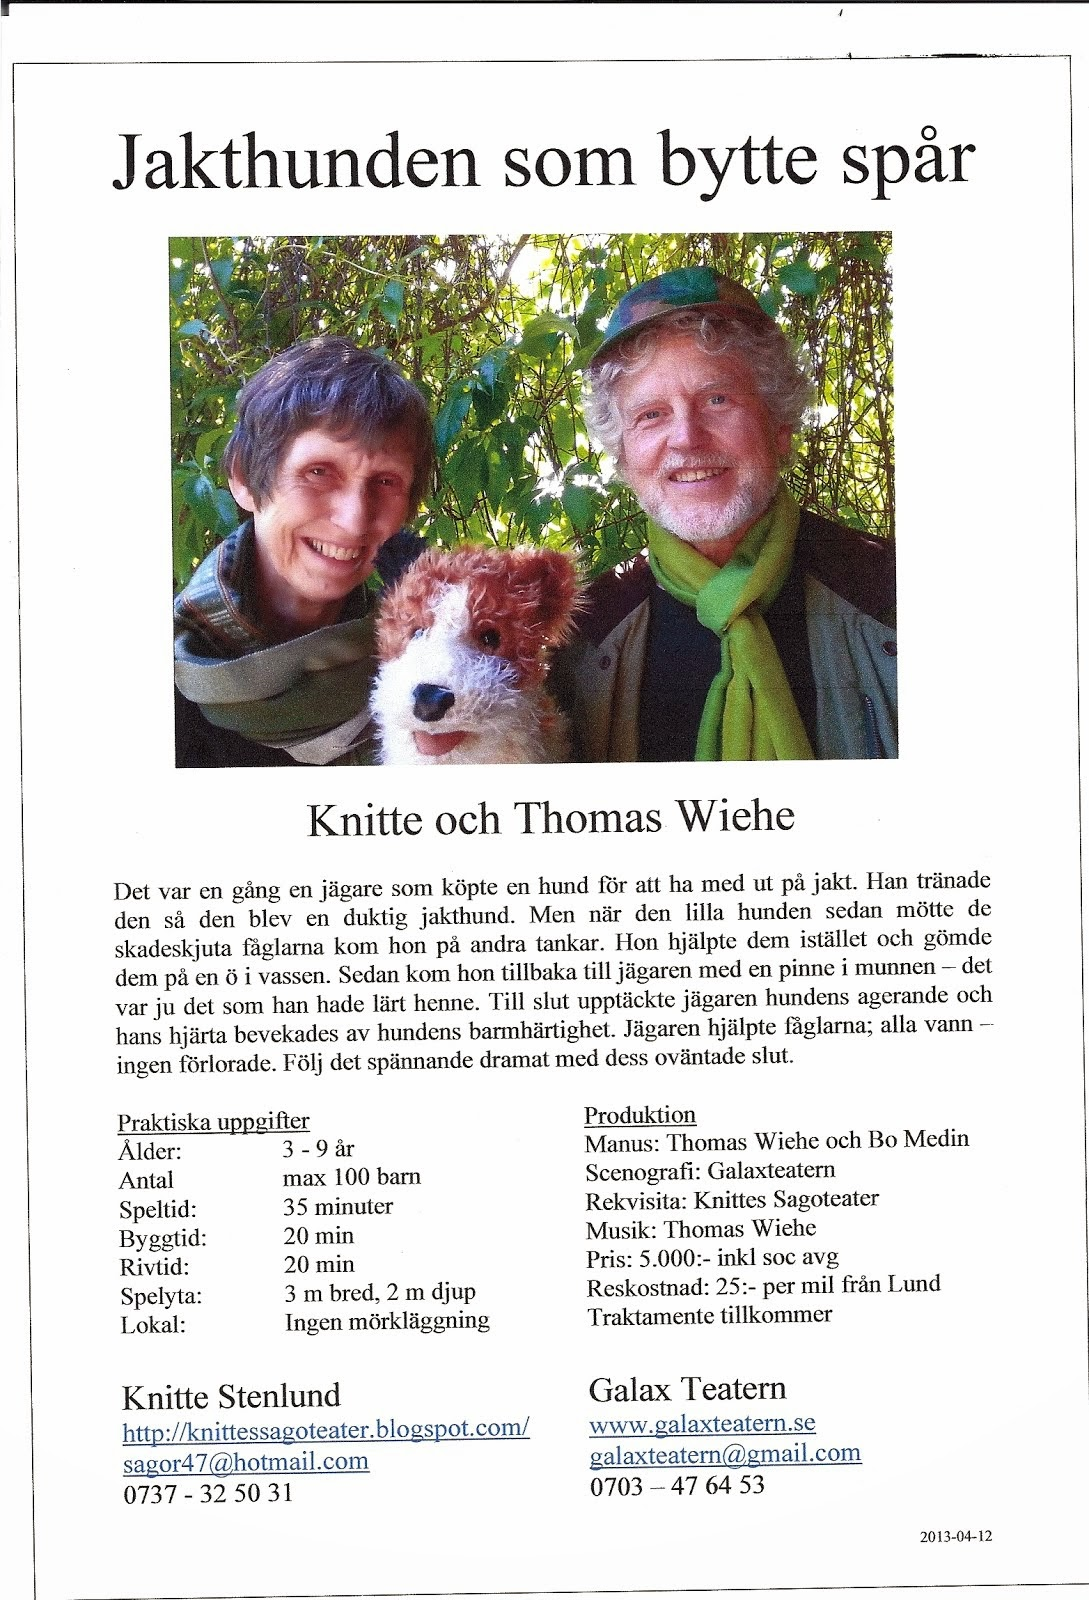 Knitte och Thomas Wiehe